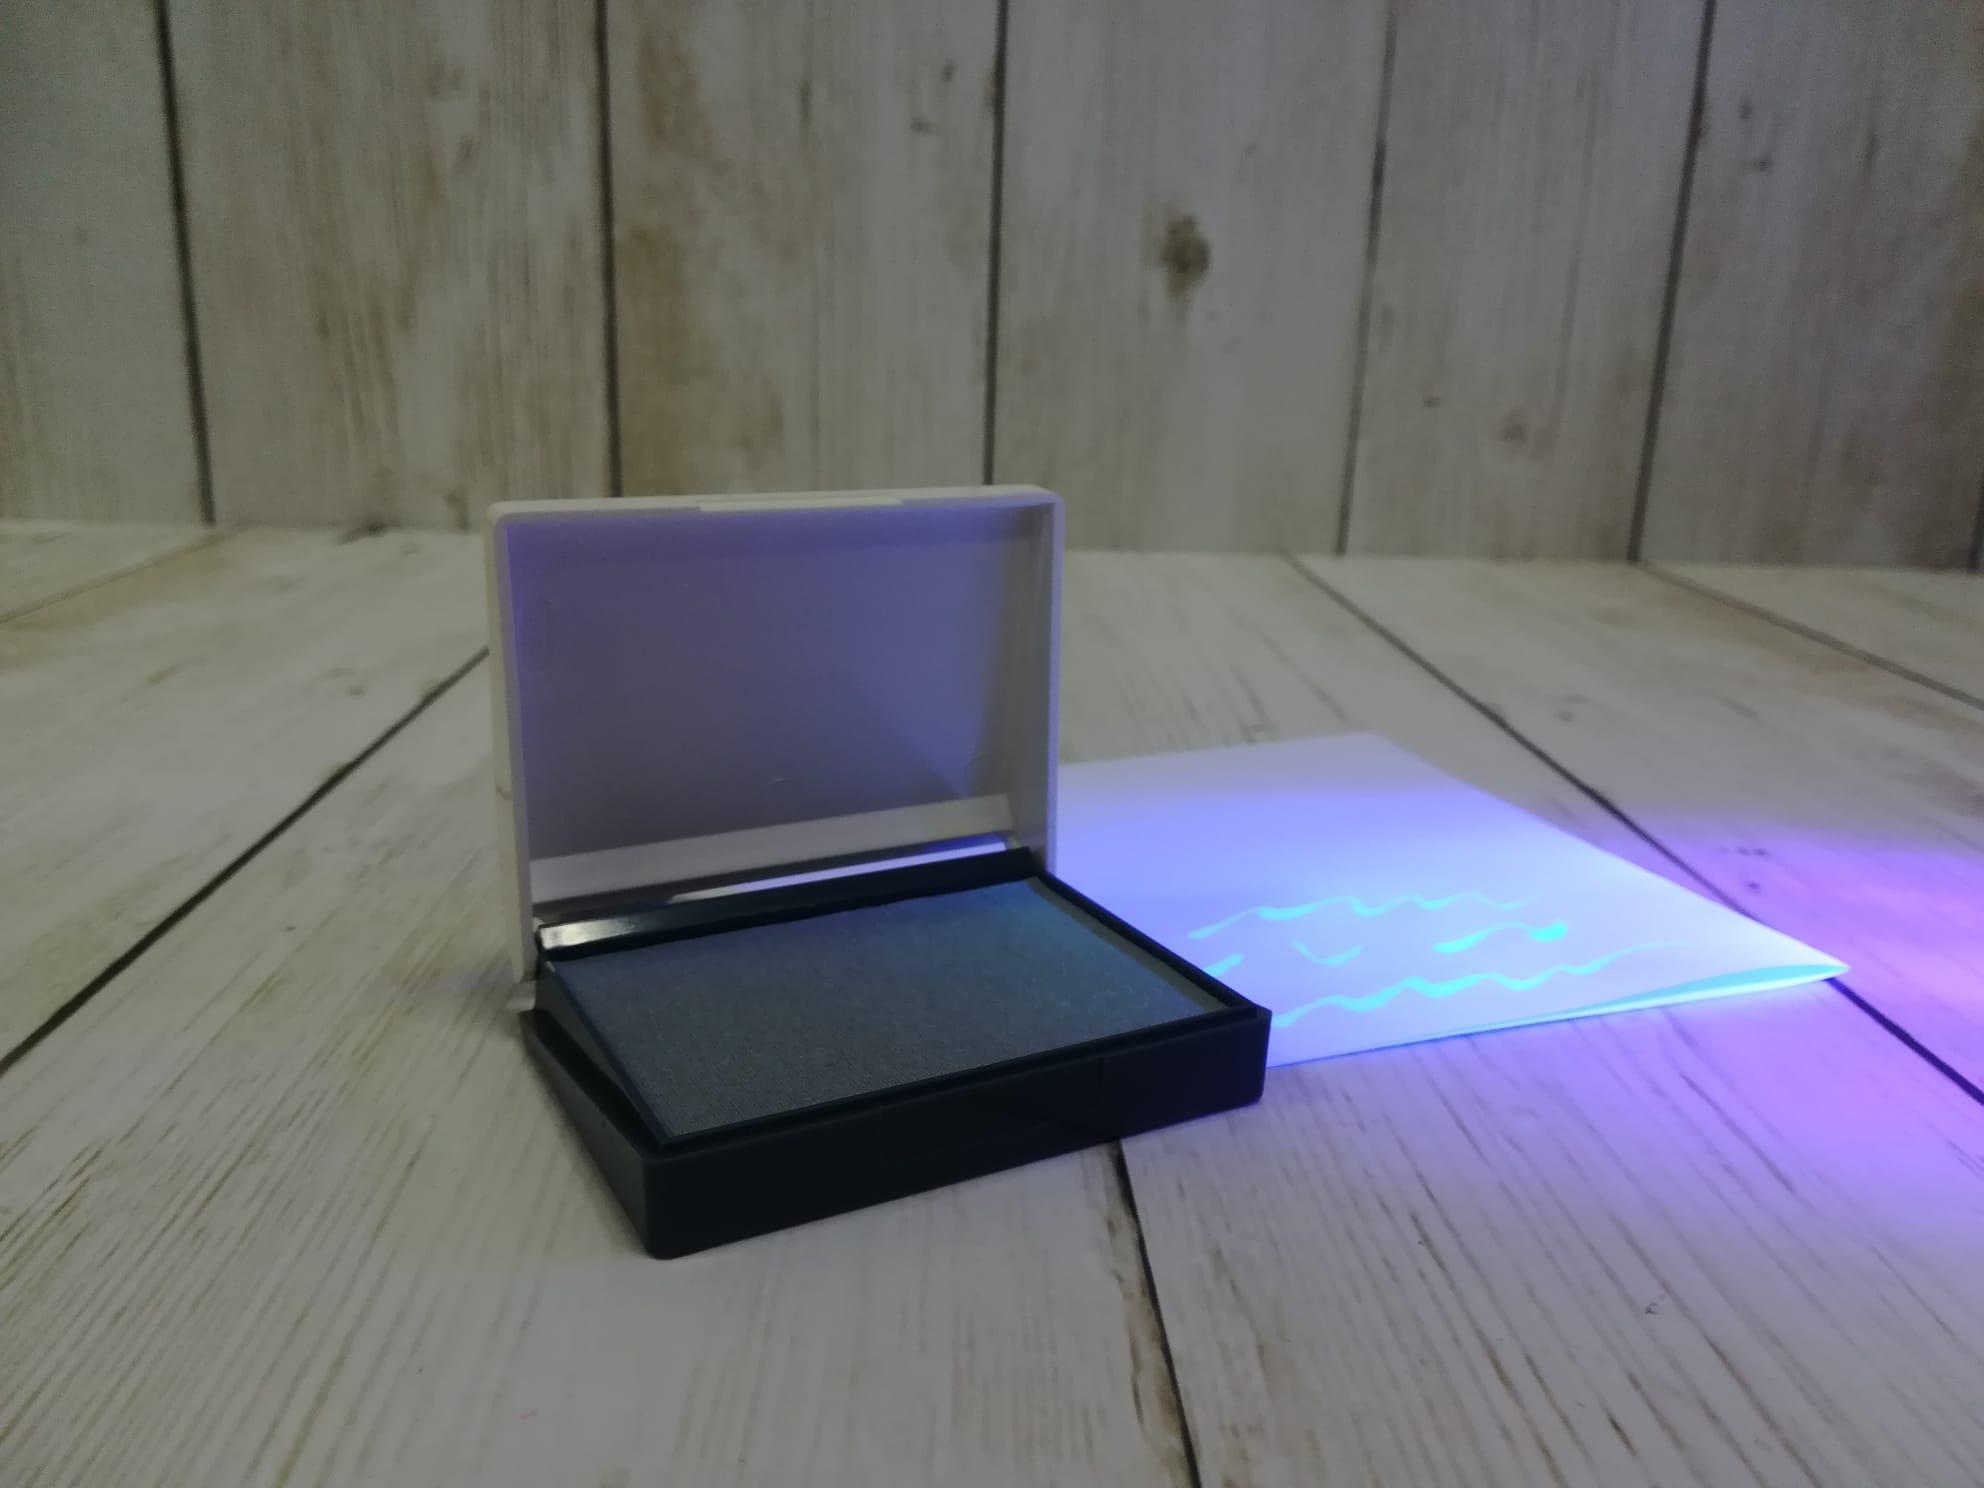 Tampones para sellar documentos con tinta ultravioleta